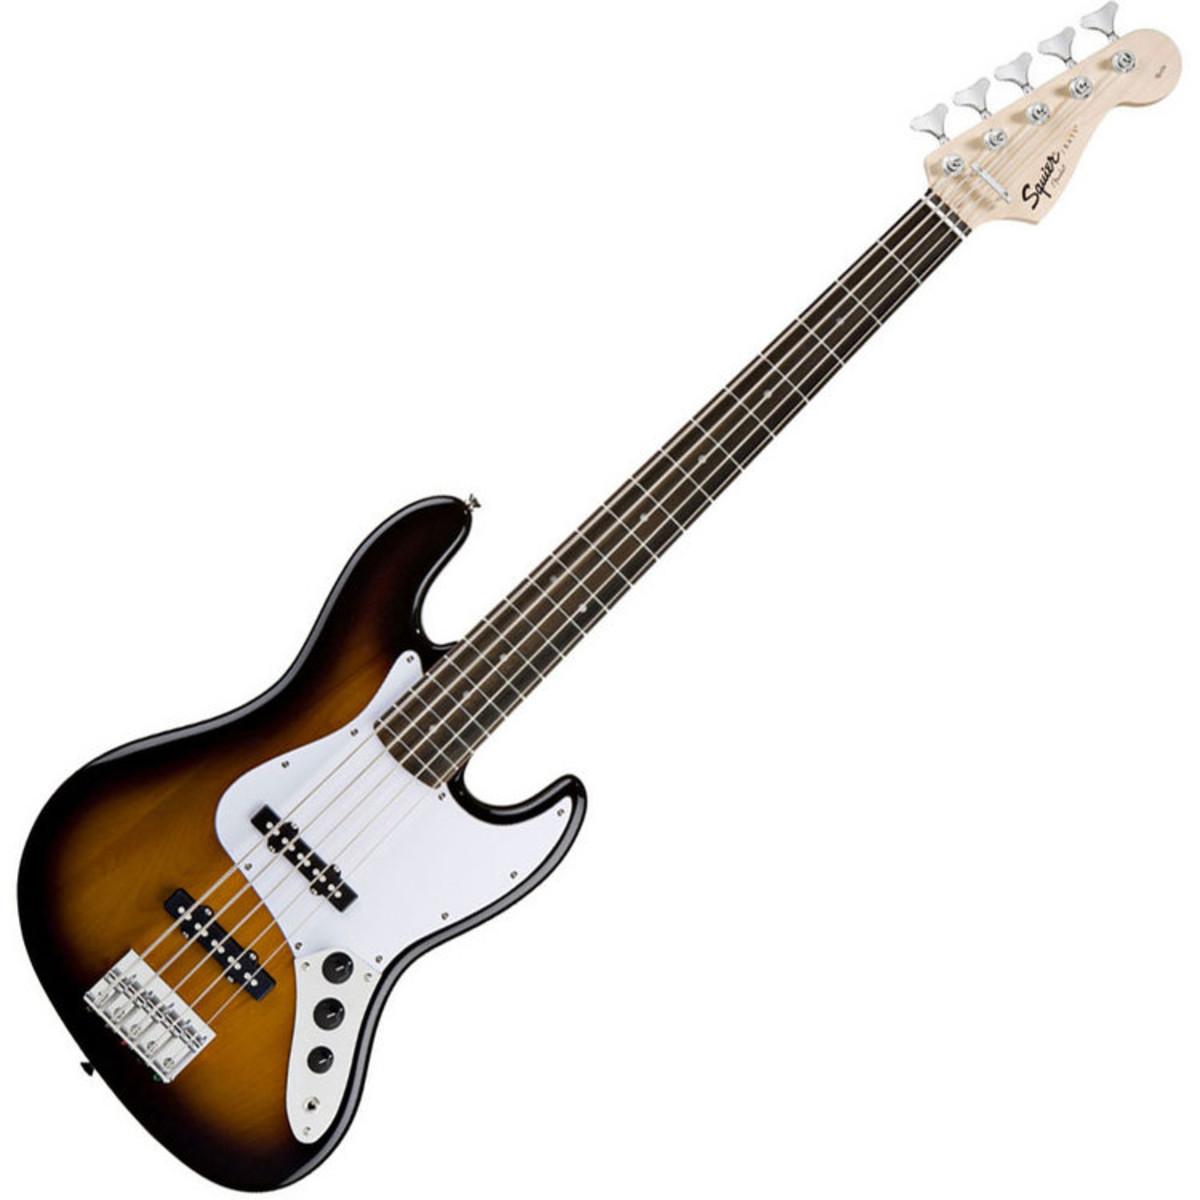 squier by fender affinity jazz bass v 5 string sunburst at gear4music. Black Bedroom Furniture Sets. Home Design Ideas